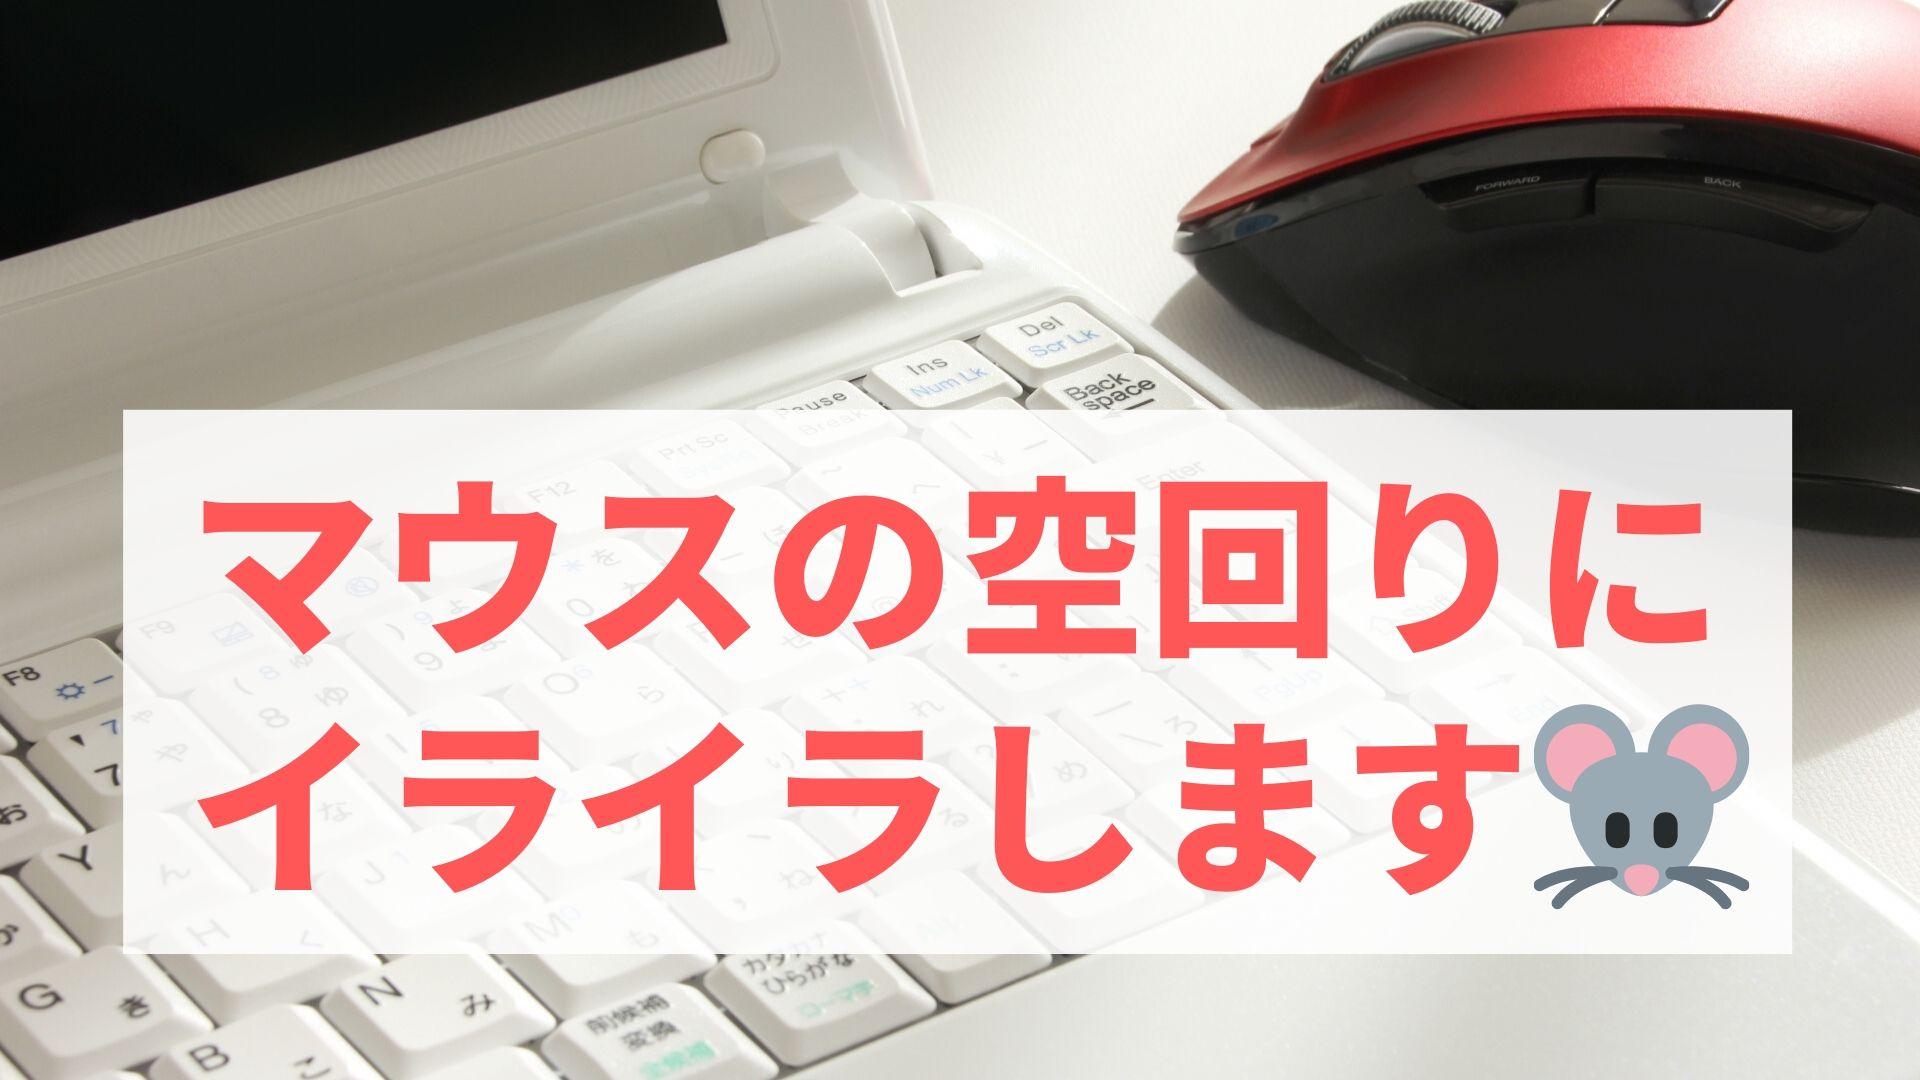 80df12b1097f9f301cb1503c0027ecce - 人気の Qtuo 2.4G ワイヤレスマウスのホイール空回りにイライラ!